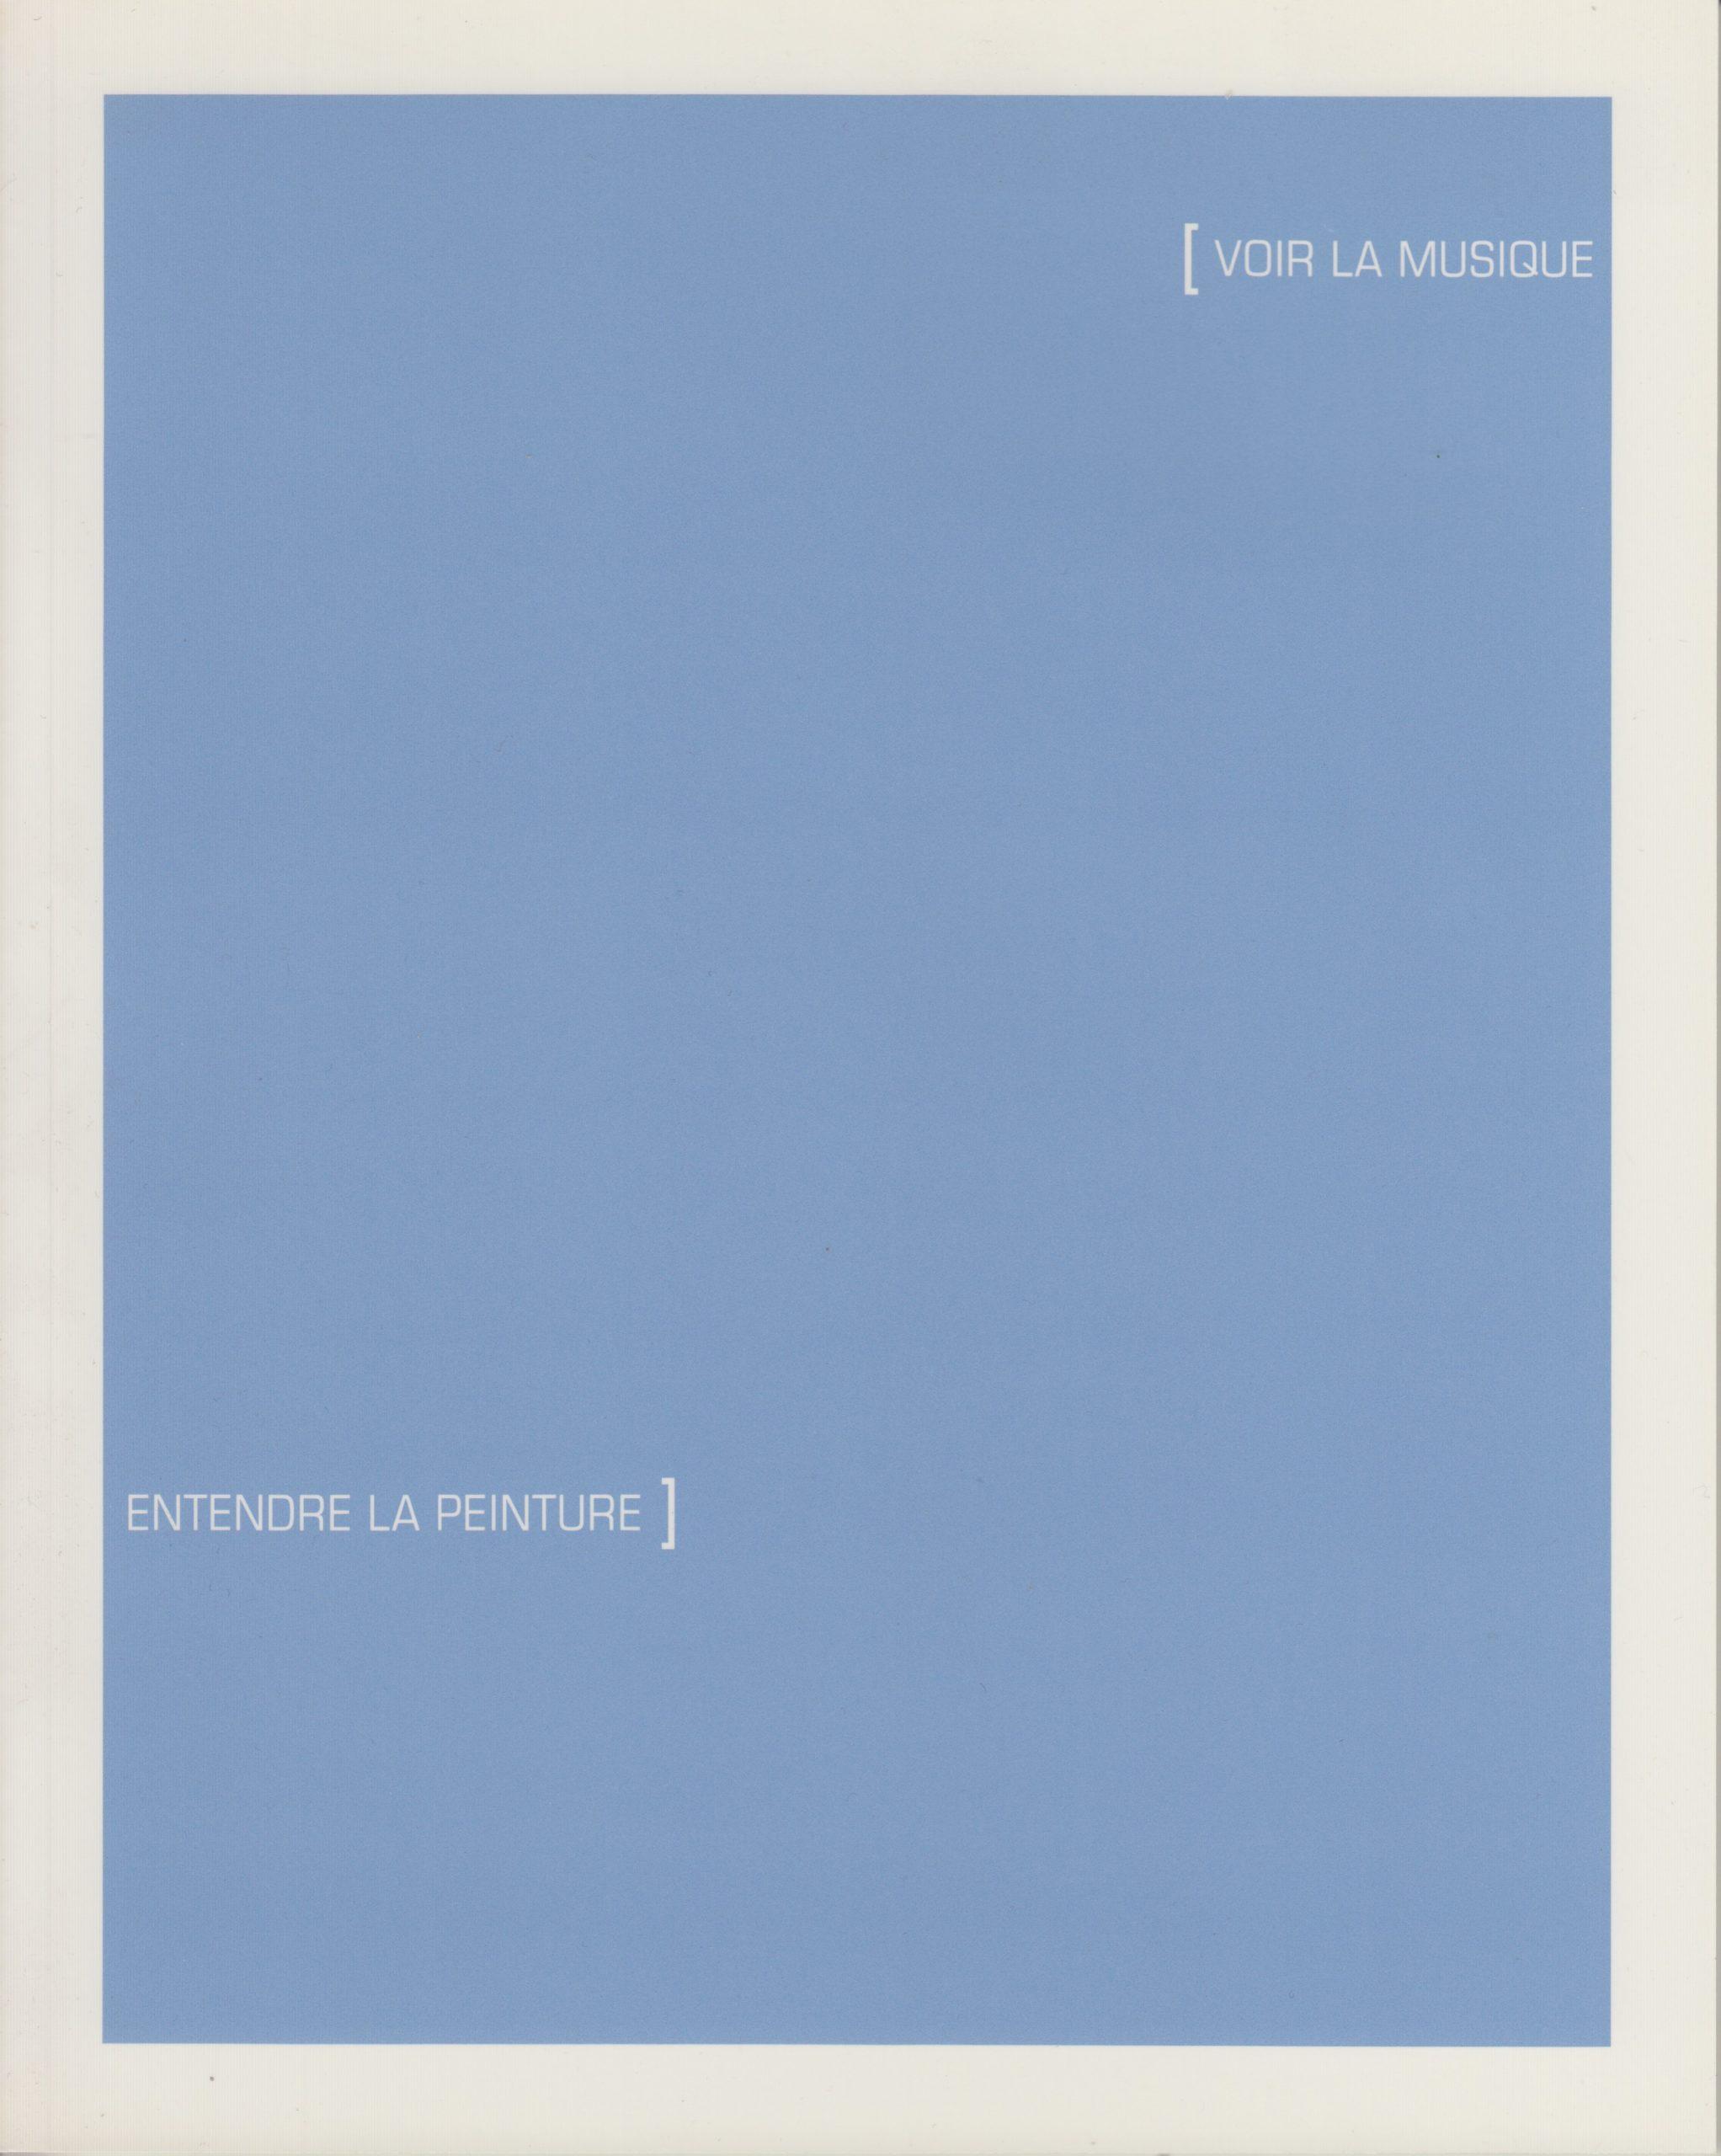 Voir la musique / Entendre la peinture, (sous la dir. Mario Côté) 2012